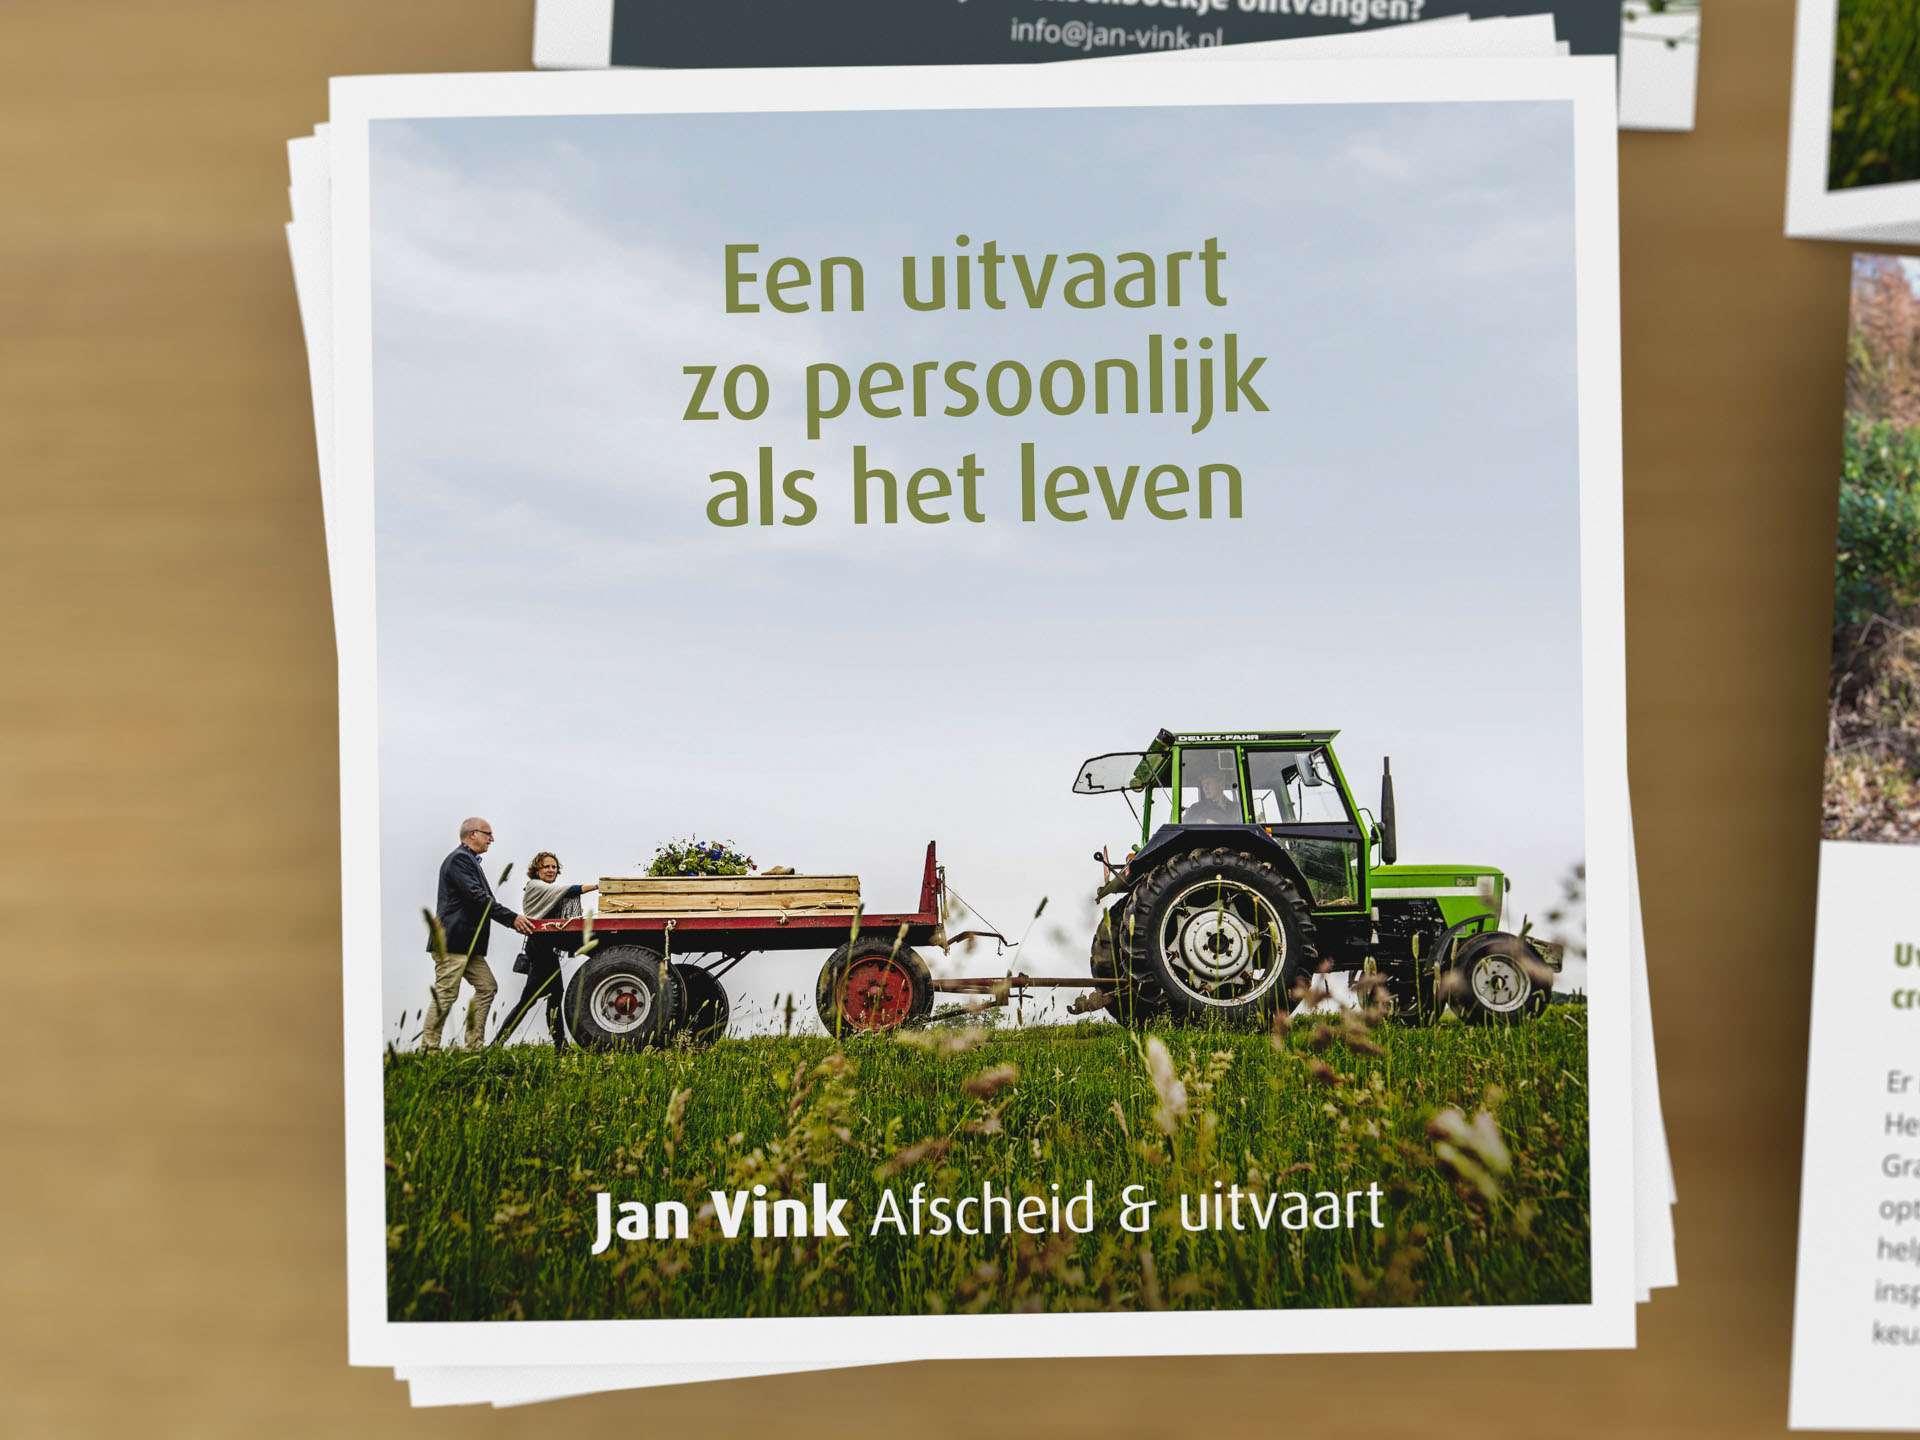 Folder laten ontwerpen zoals Jan Vink afscheid en uitvaart door Aadwork uit BINK36 Den Haag 6